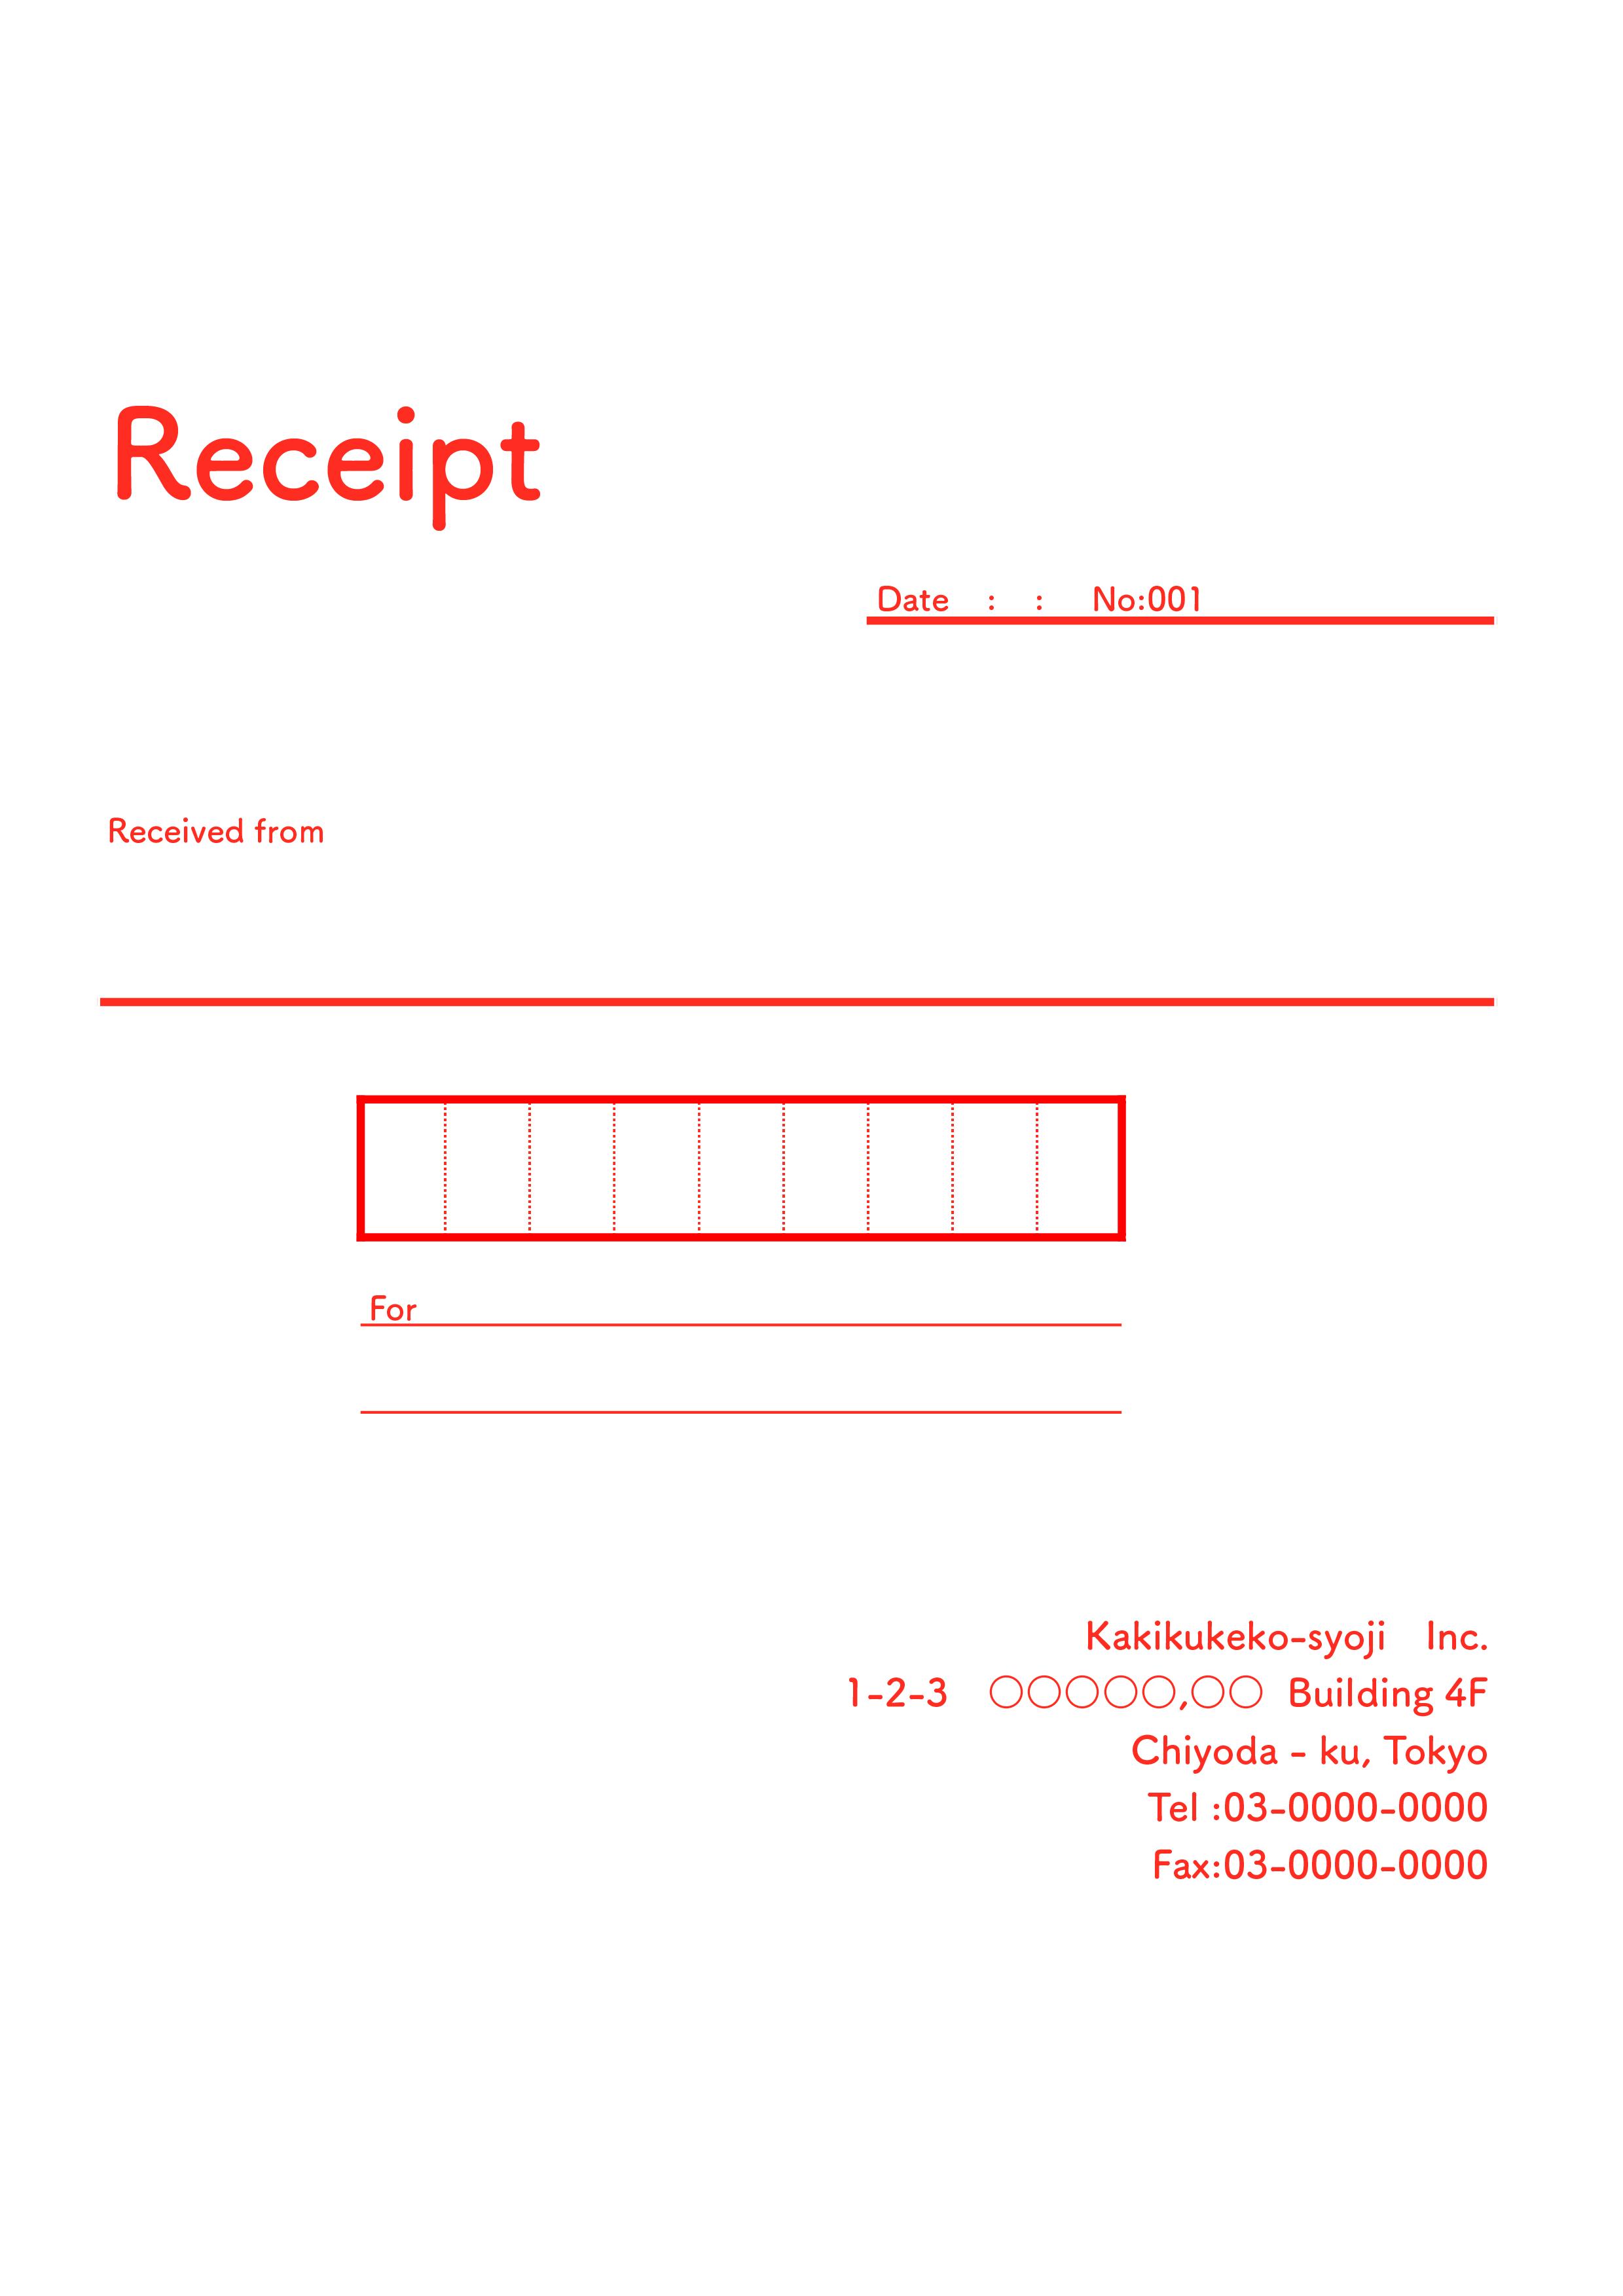 おしゃれな英字の領収書(Receipt)テンプレート(エクセル・ナンバーズ)A4 レッド